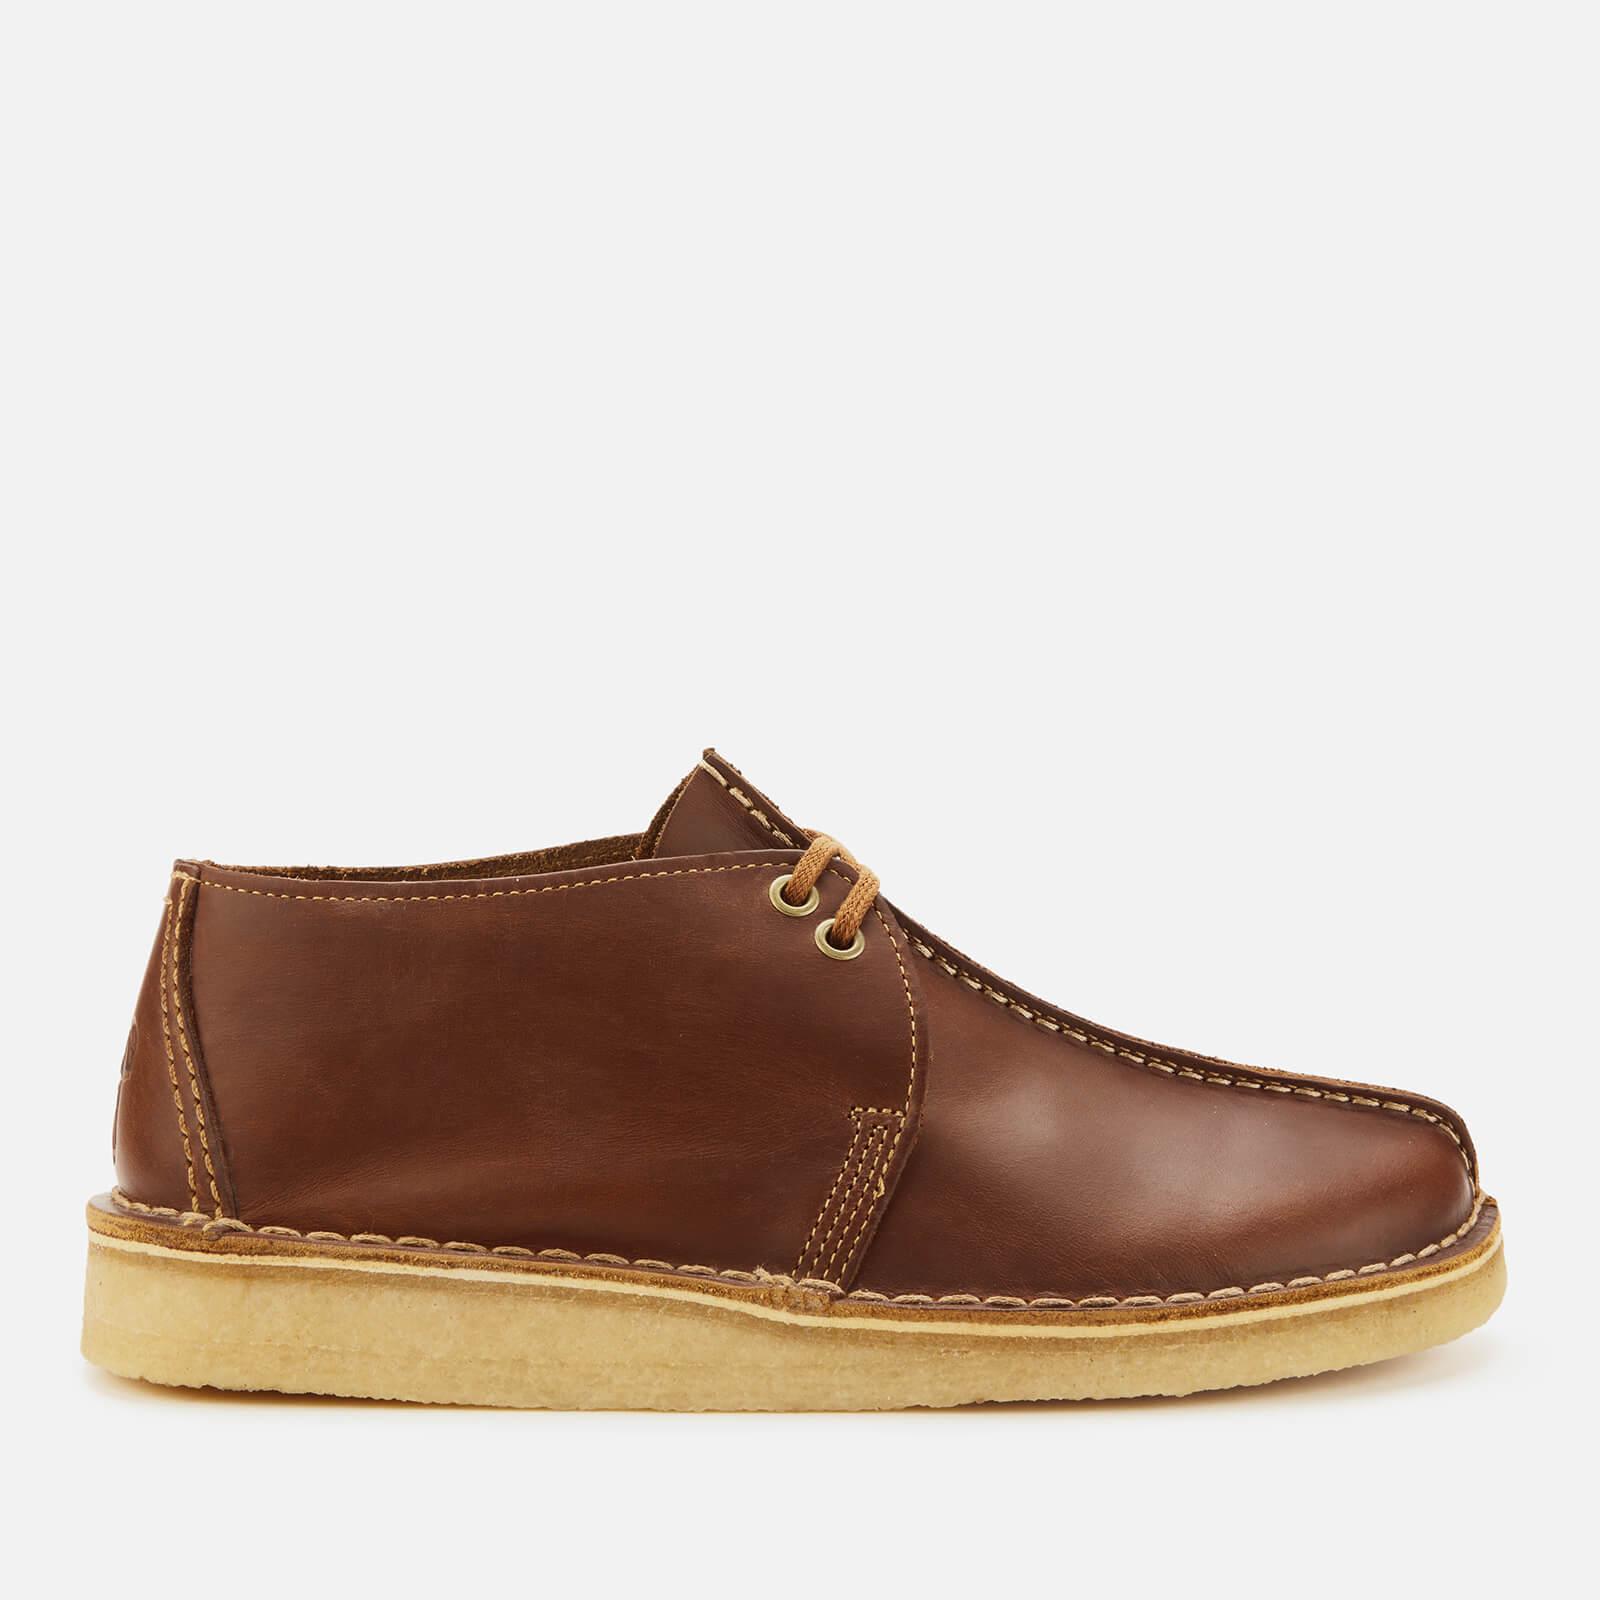 Clarks Originals Men's Desert Trek Leather Shoes - Tan - UK 10